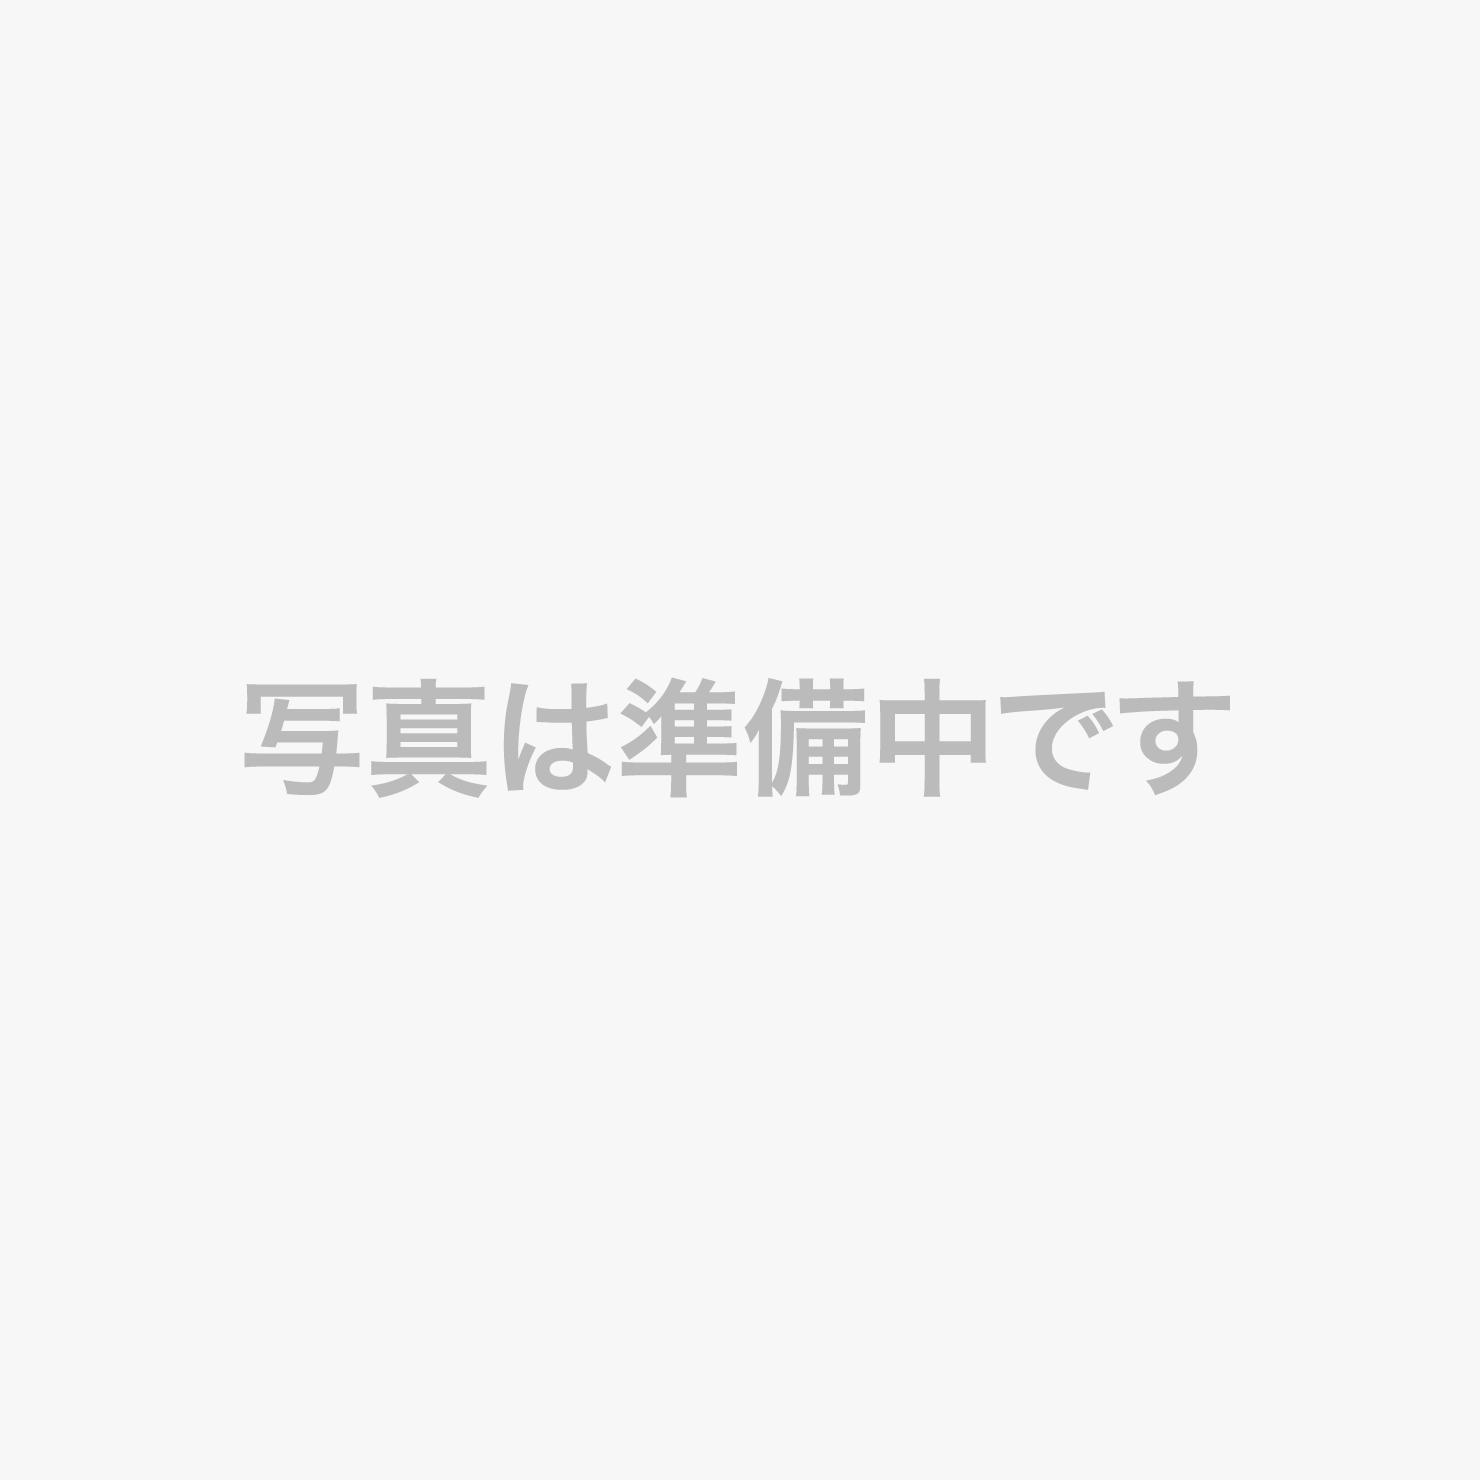 長野県=そばが有名ですが、実は同じくらいうどんも食べる県なんです。朝ごはんではうどんも出る日がありますよ